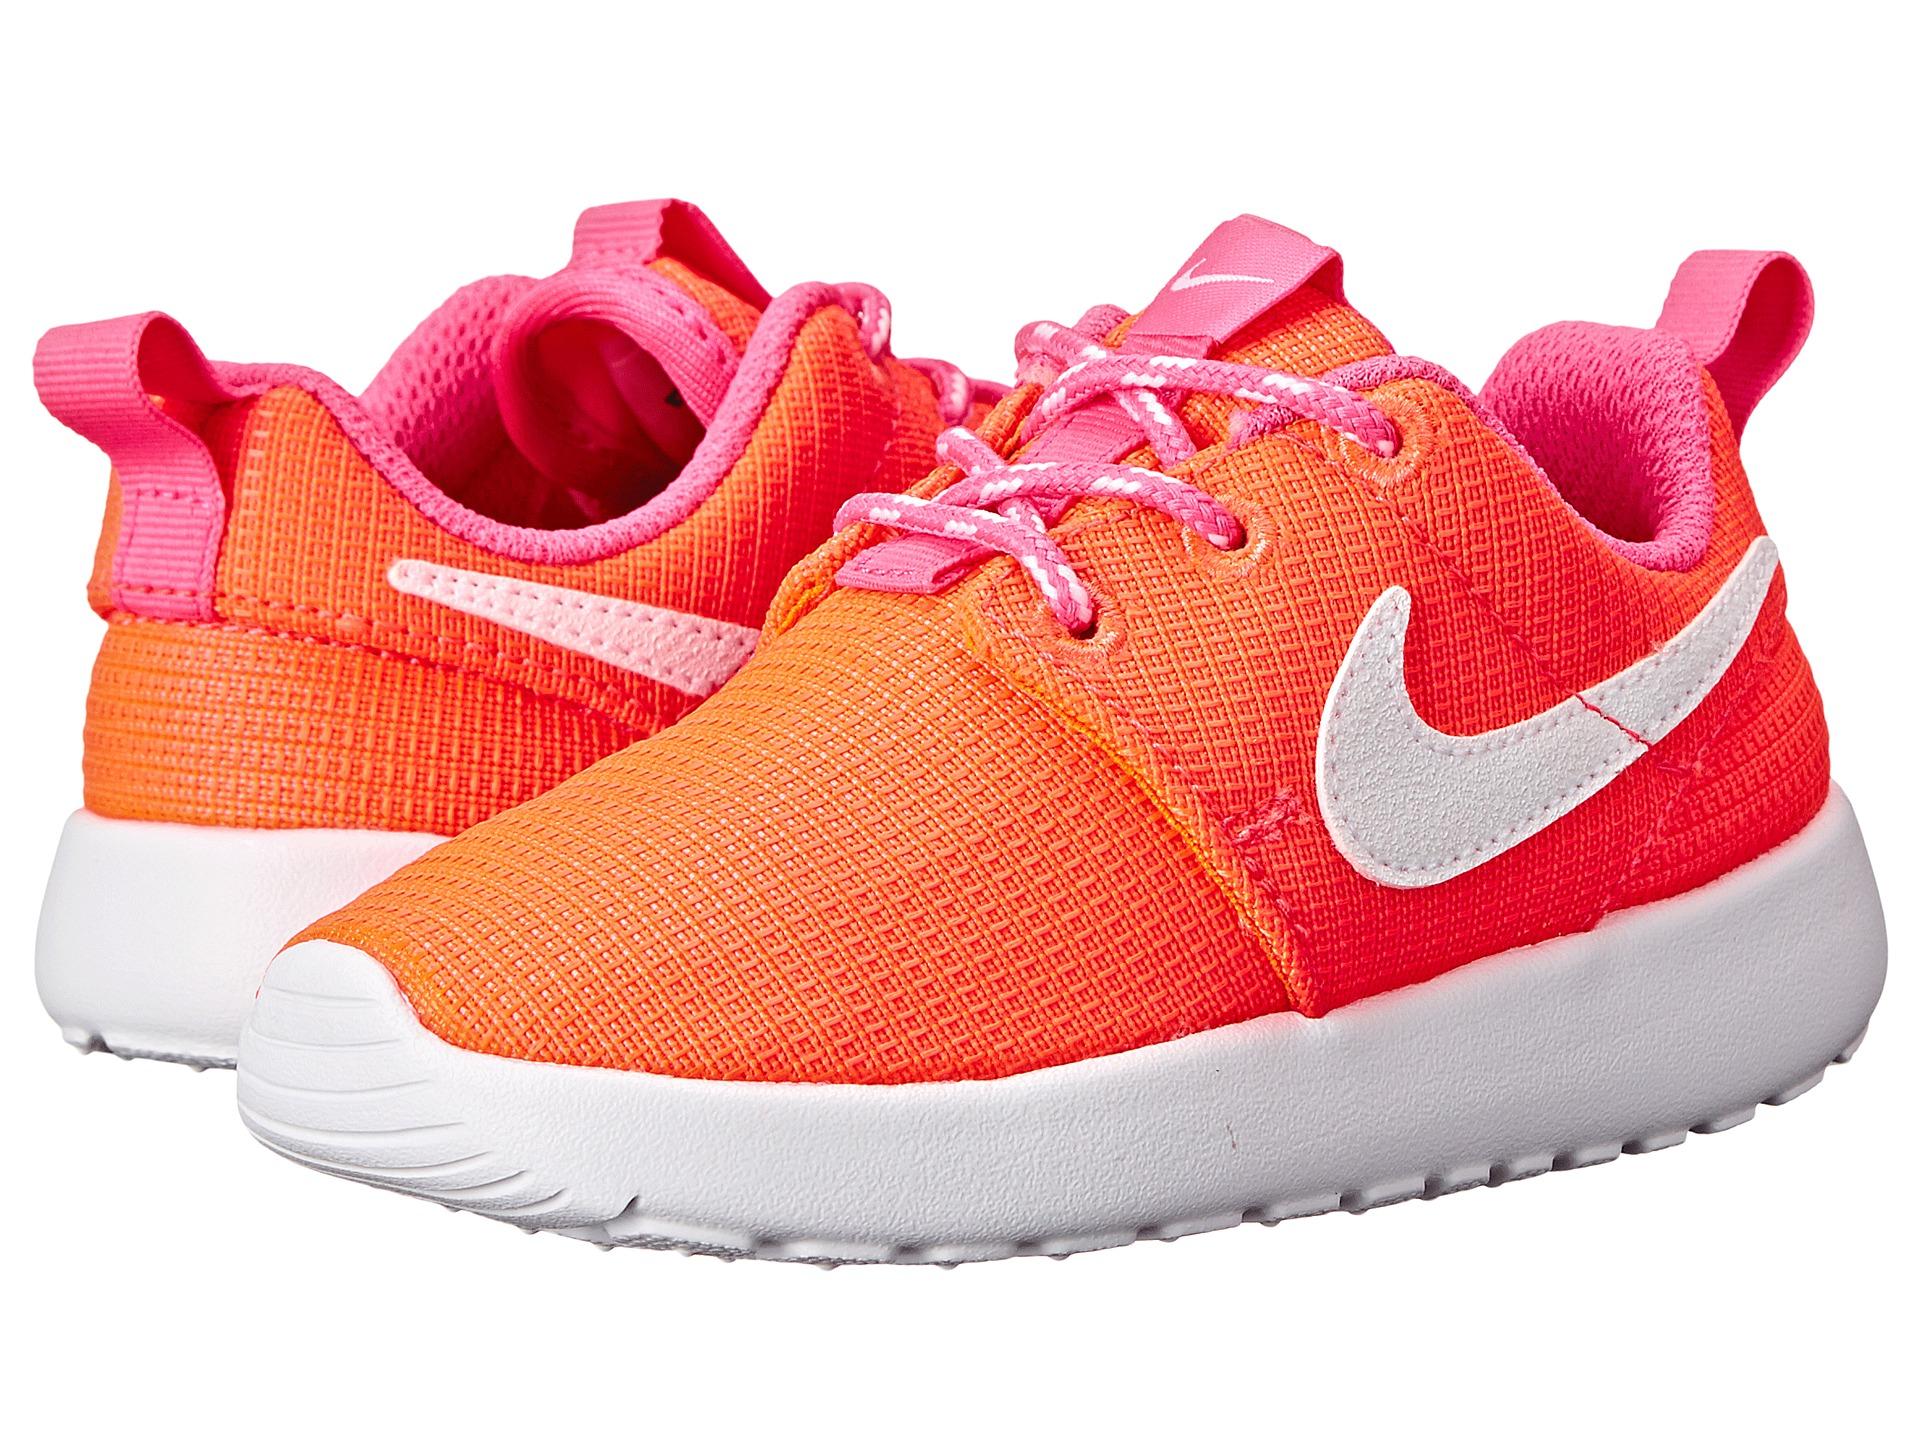 Nike Rosherun Trainers Lava Glow White Pink Girls Kids